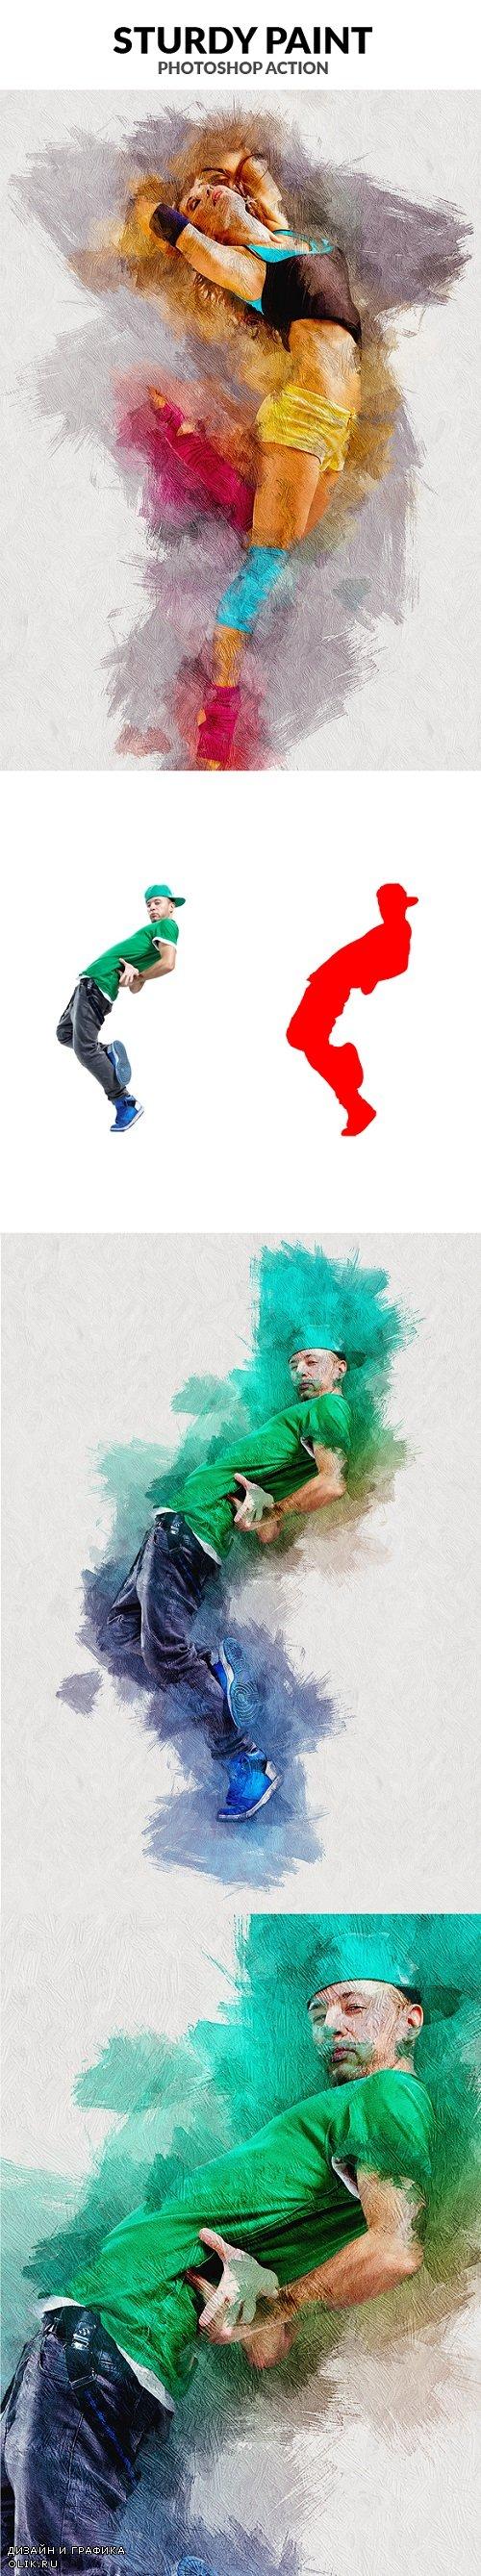 Sturdy Paint Photoshop Action 21229748